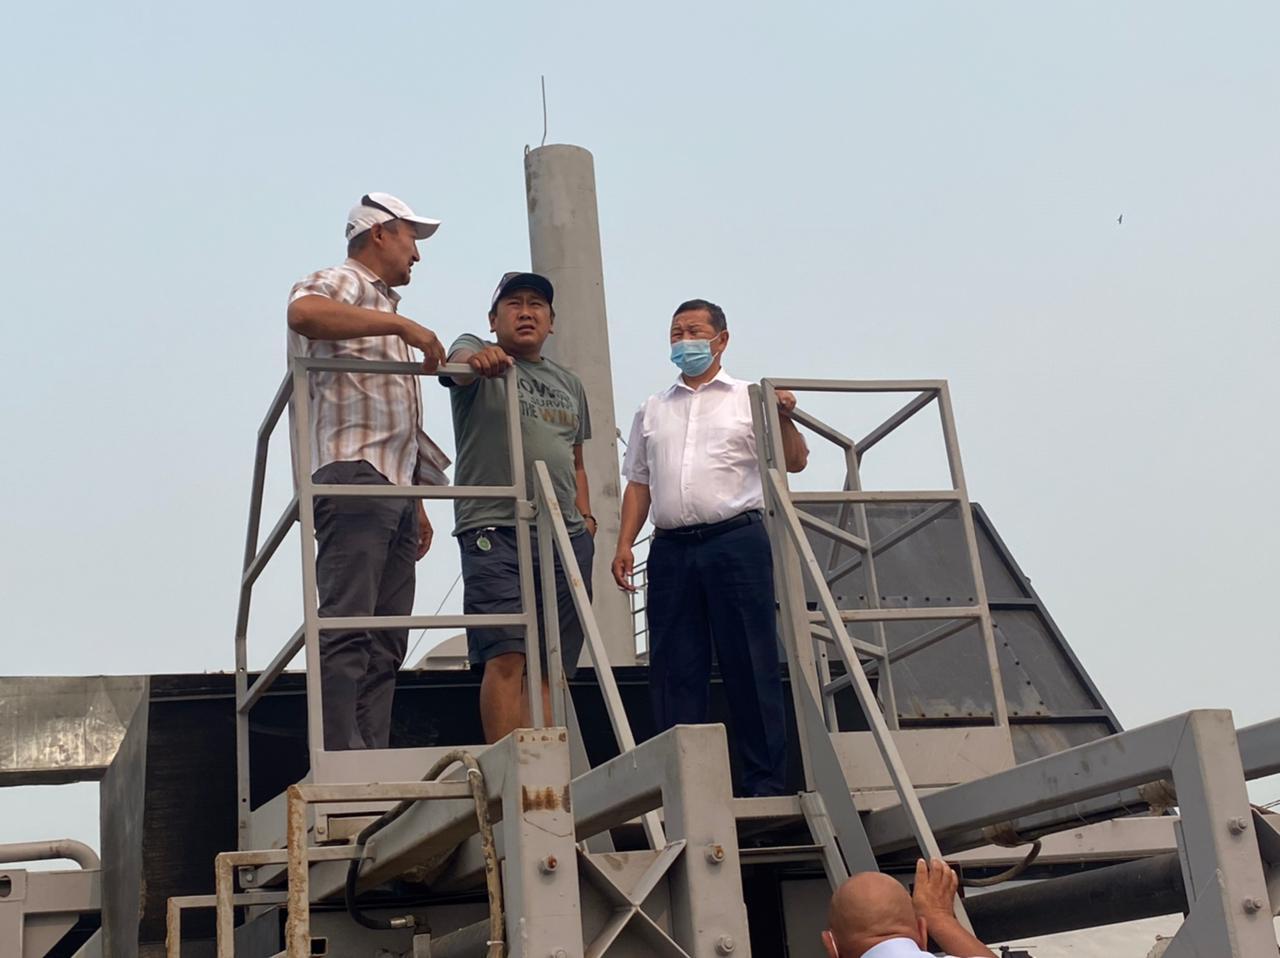 Мусоросжигательная печь скоро заработает в Чурапчинском районе Якутии